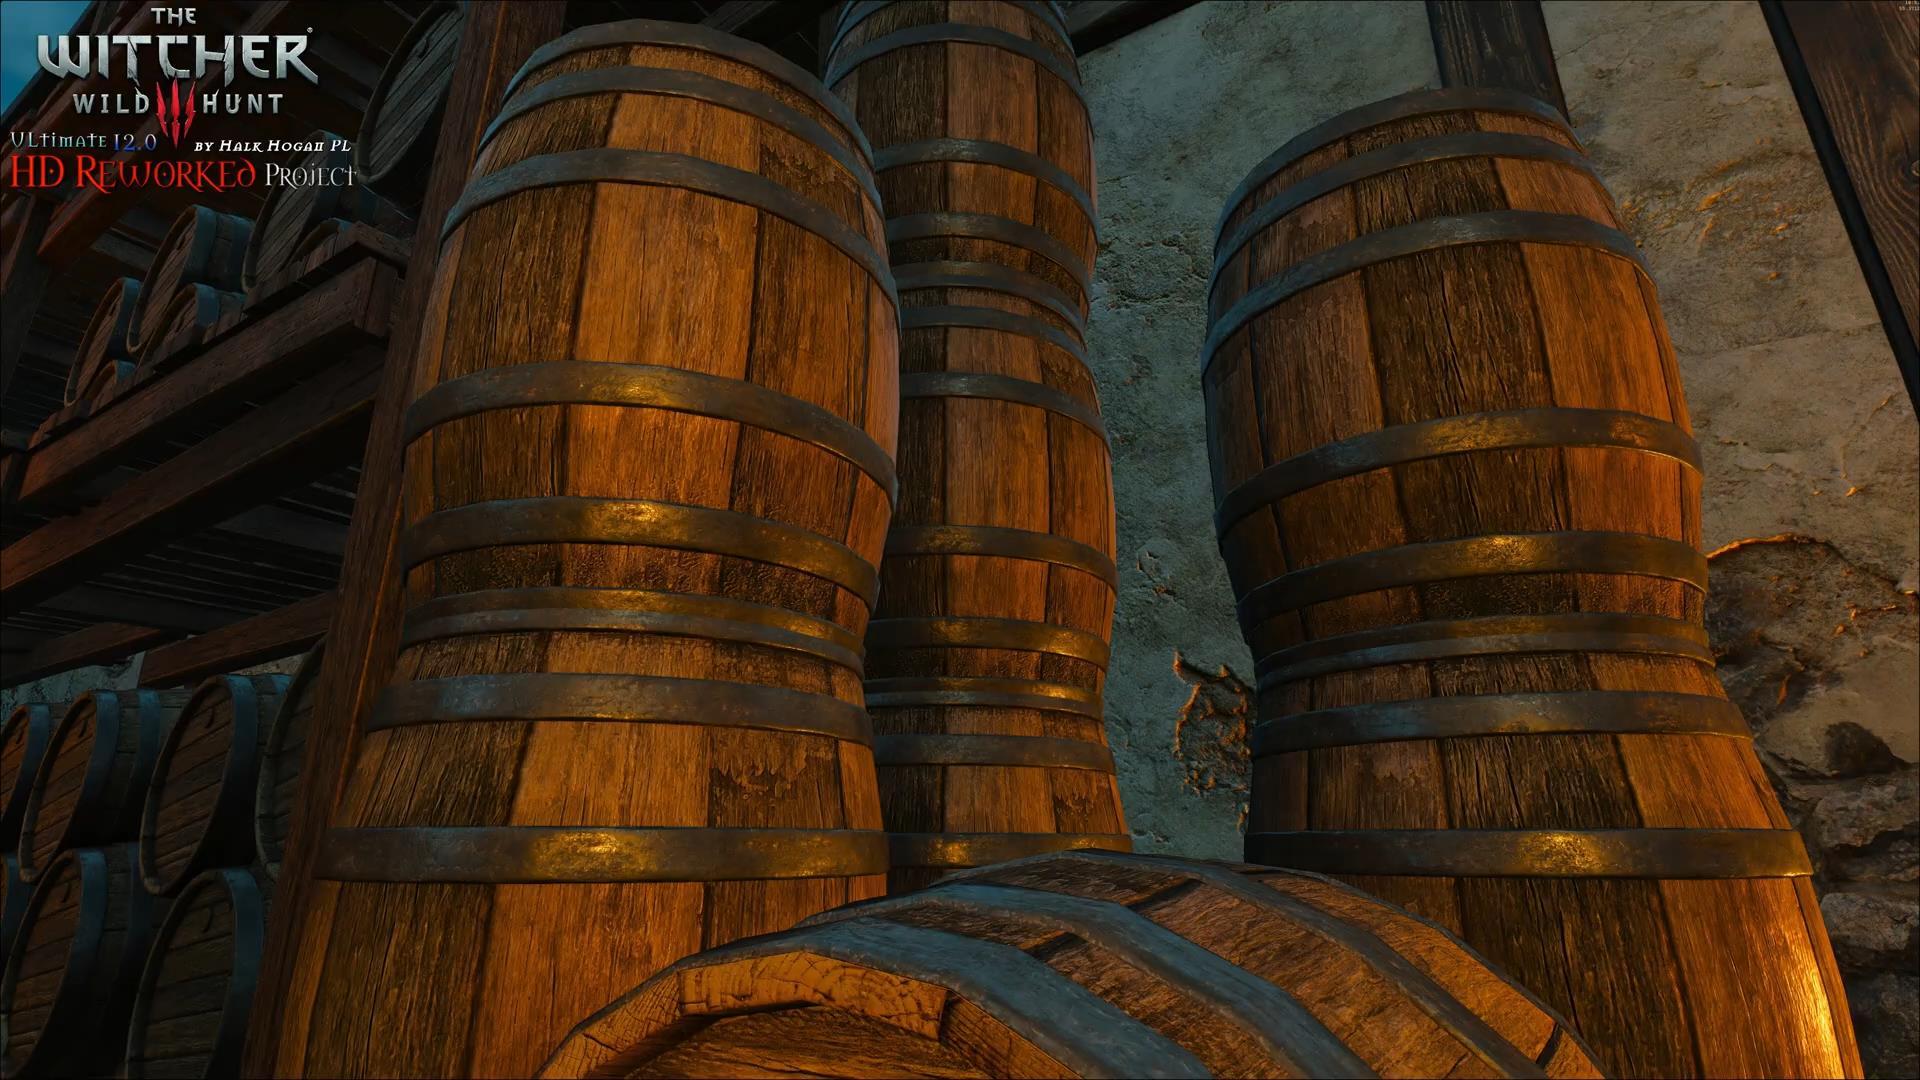 《巫师3》高清Mod V12版与原版对比 画面更惊艳